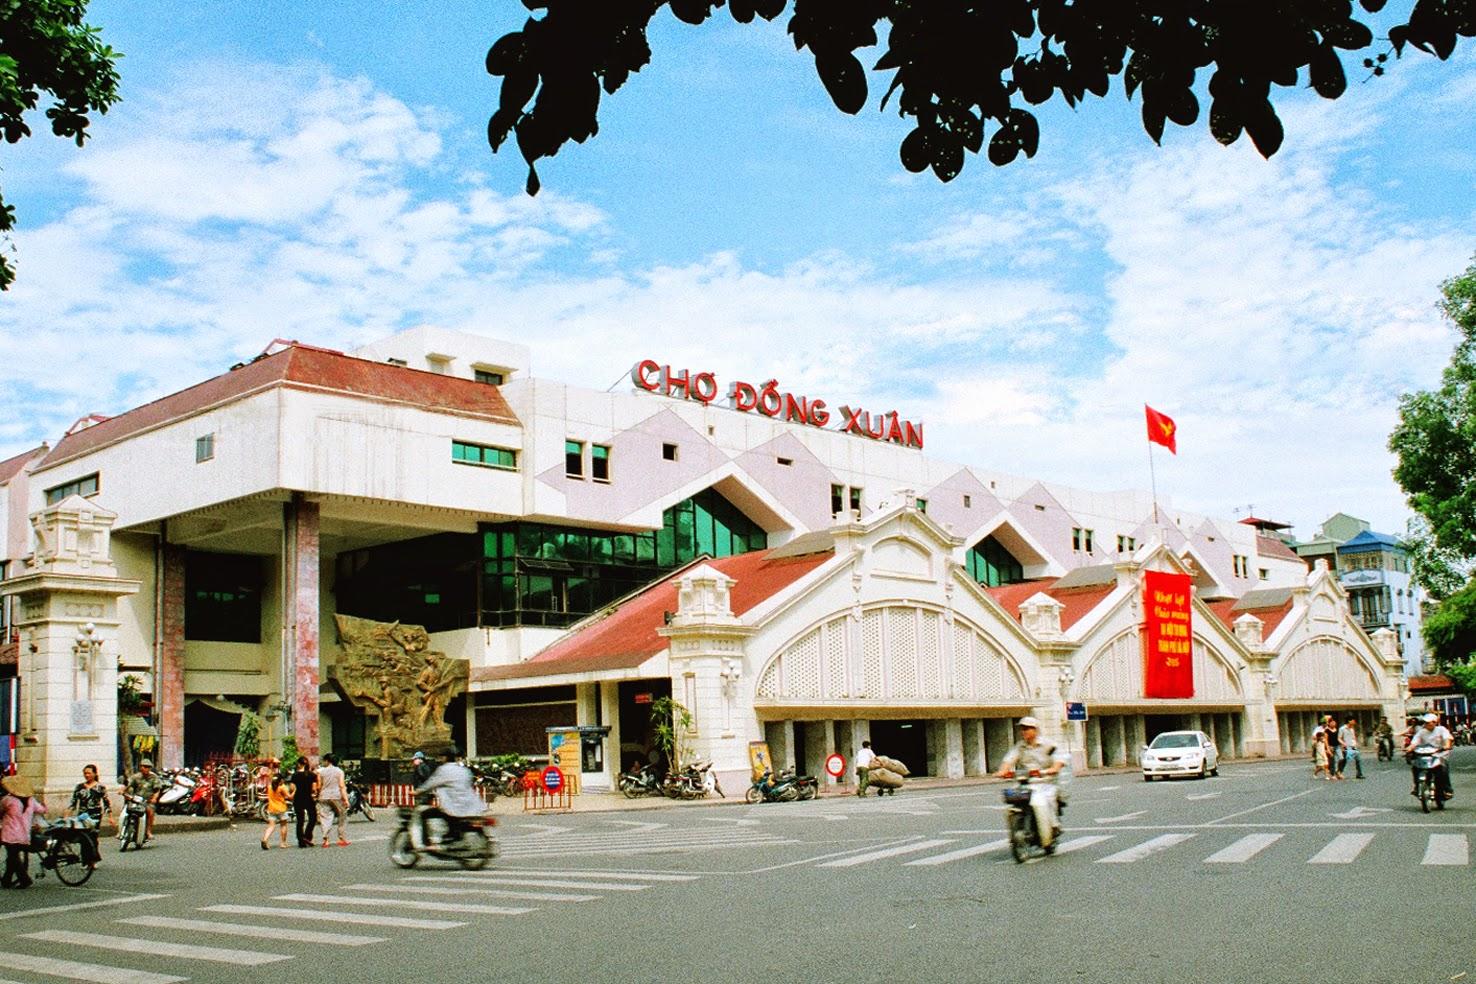 Khám phá 5 khu chợ nổi tiếng nhất Việt Nam